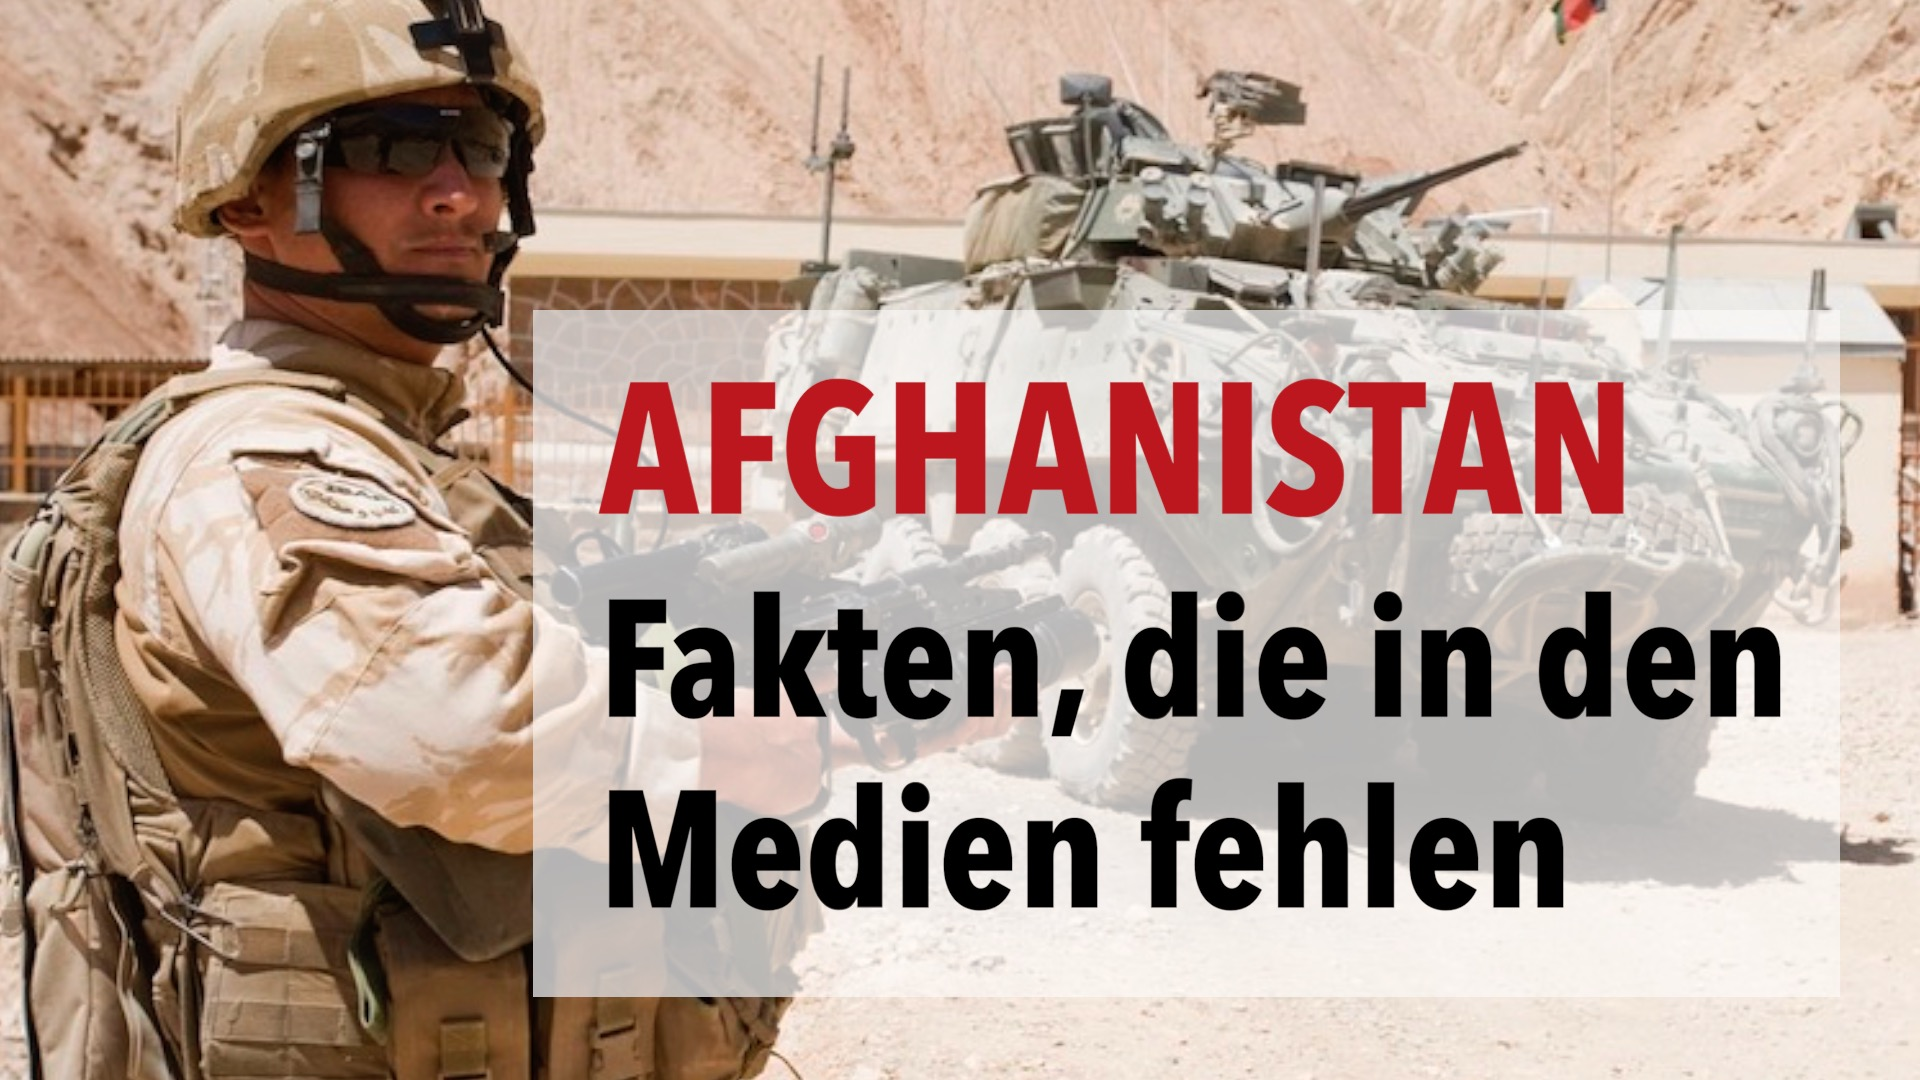 Afghanistan: Wichtige Fakten fehlen großteils in den Medien | Teil 1